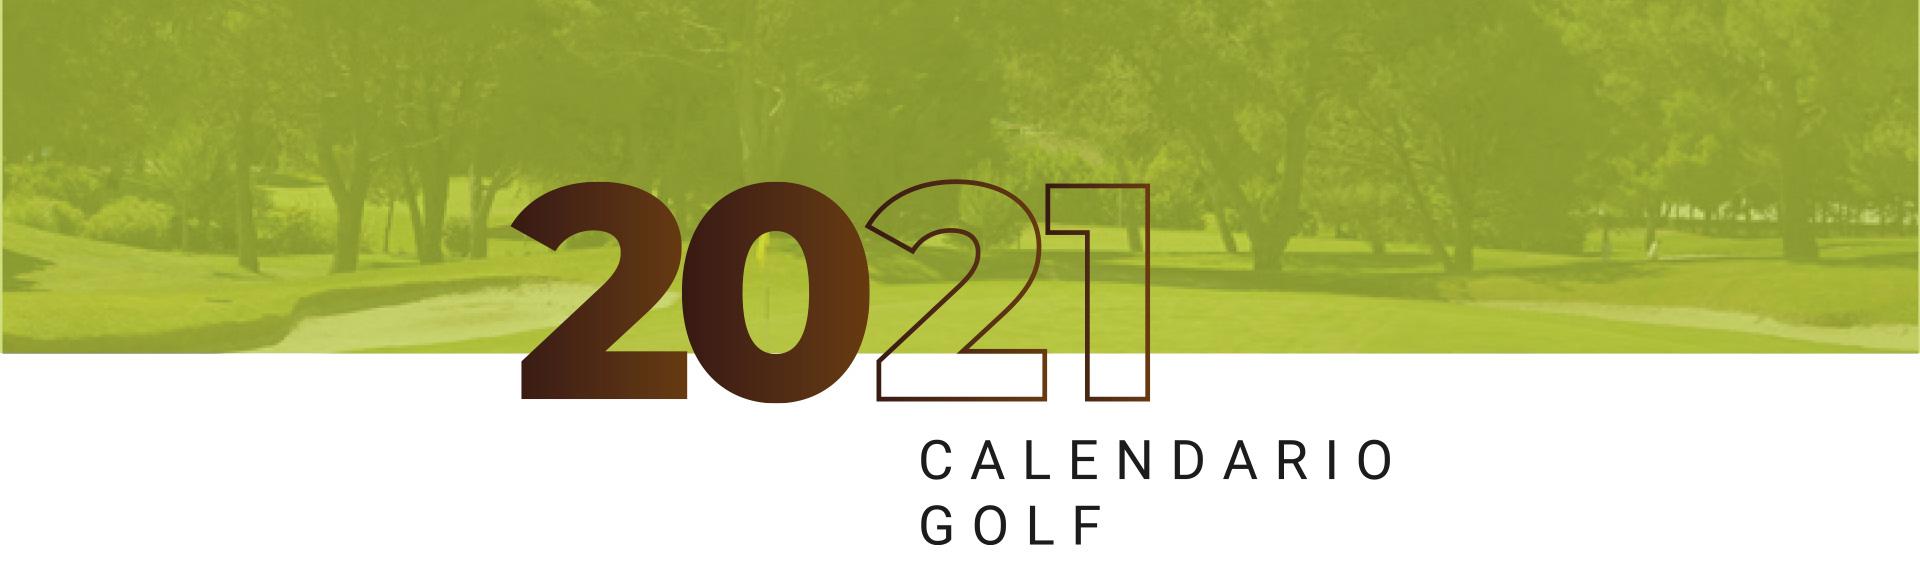 Portada de calendario de torneos y competiciones de golf de La Galera, Valladolid, en 2021